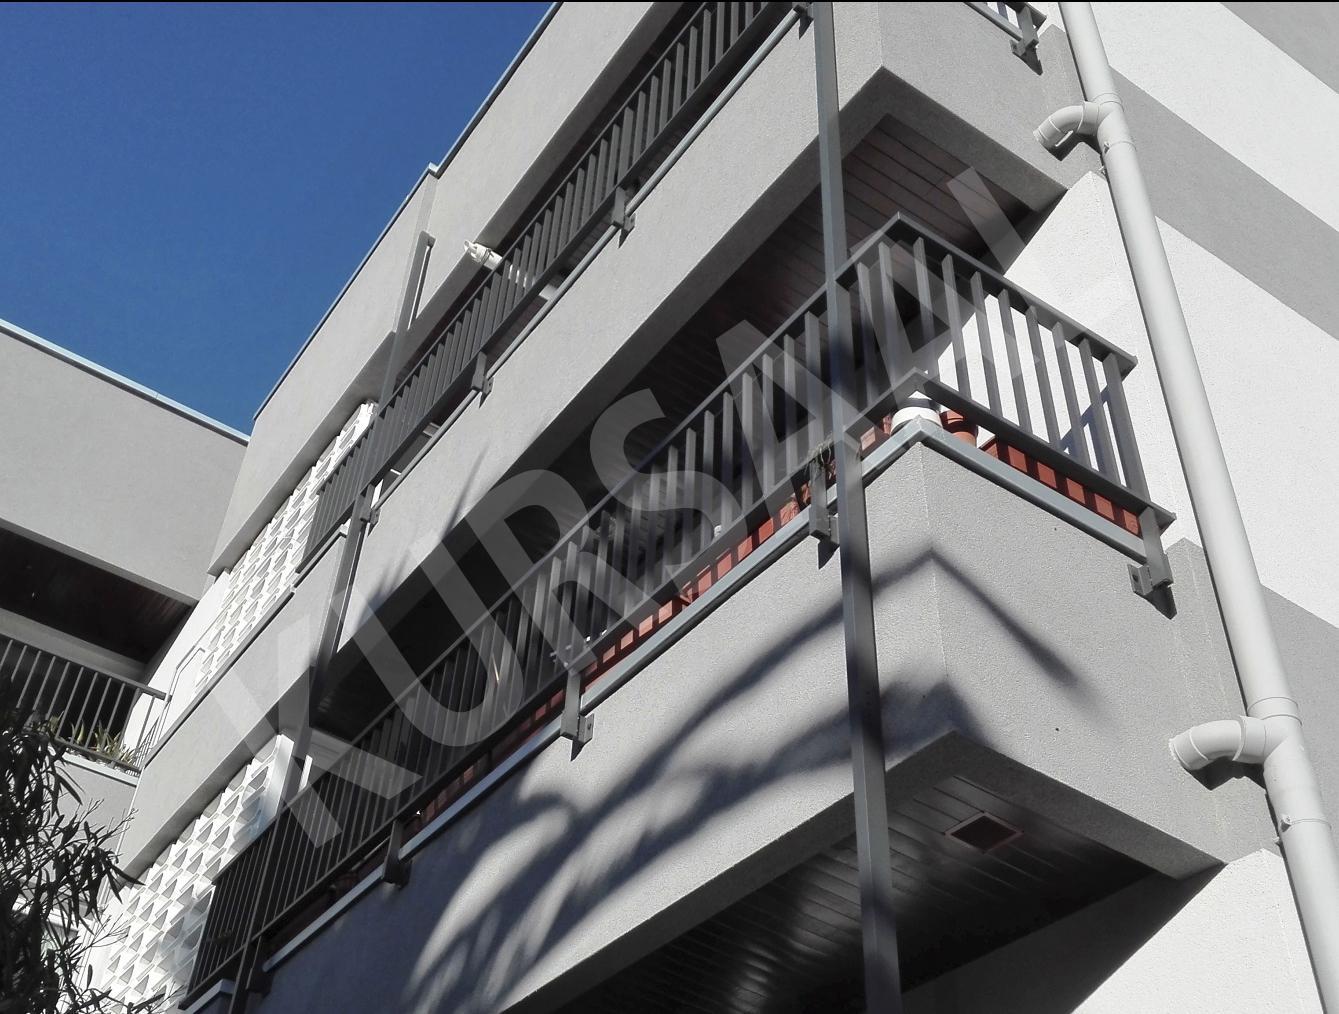 foto 8 - Aislamientos Térmicos y Eficiencia Energética-Belizalde 21-Donostia